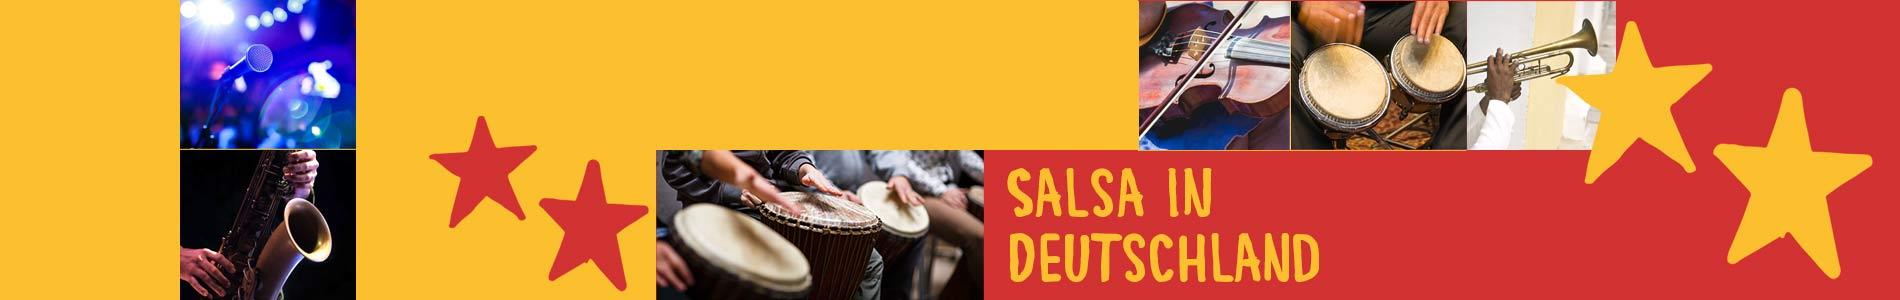 Salsa in Burghaslach – Salsa lernen und tanzen, Tanzkurse, Partys, Veranstaltungen